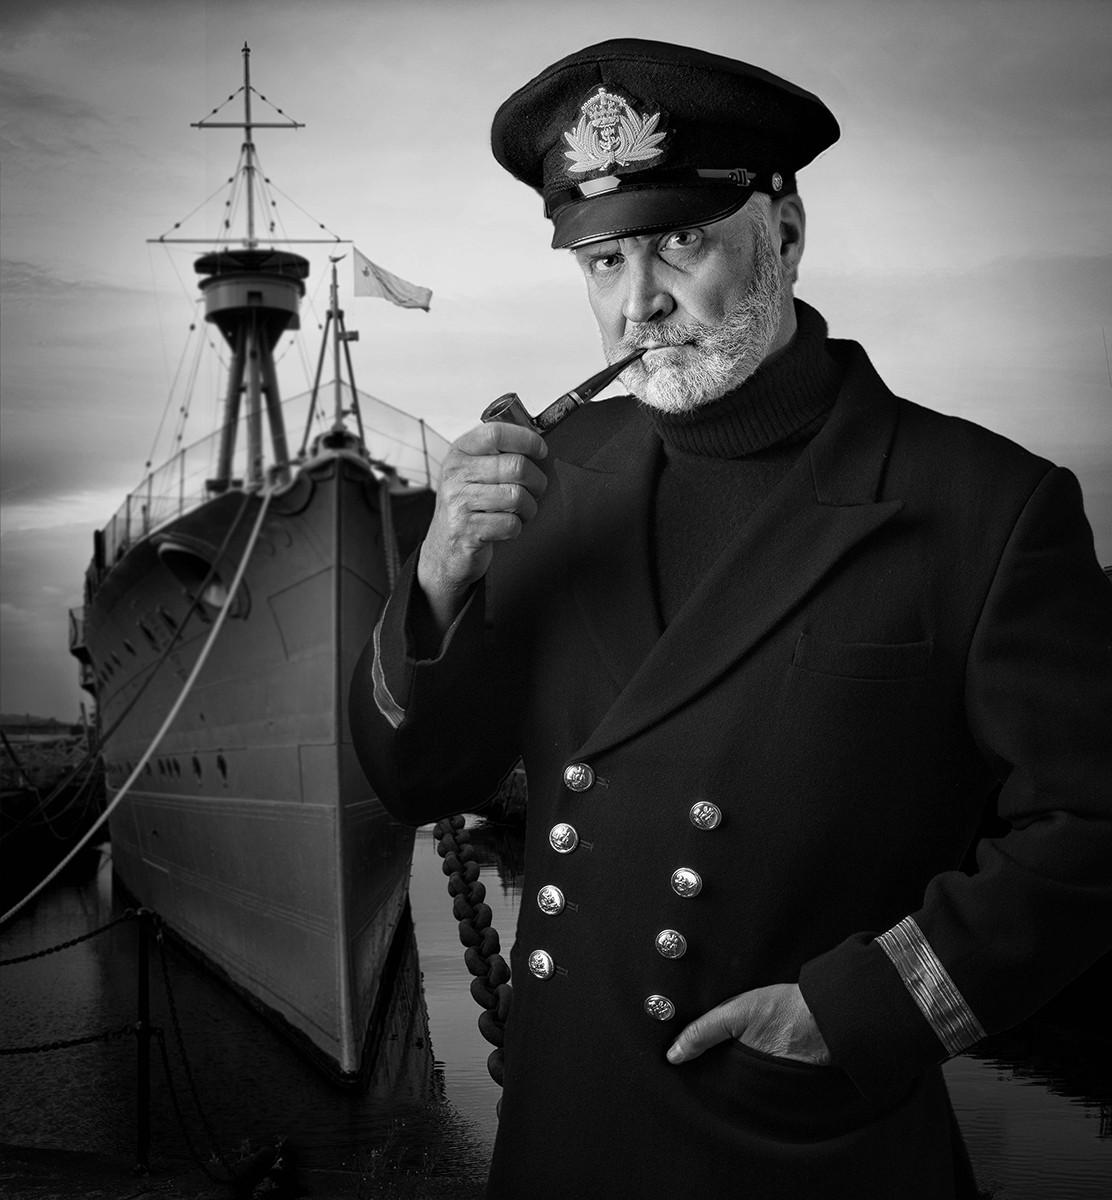 MONO - Captain of my Ship by Sian Kerr (10 marks)